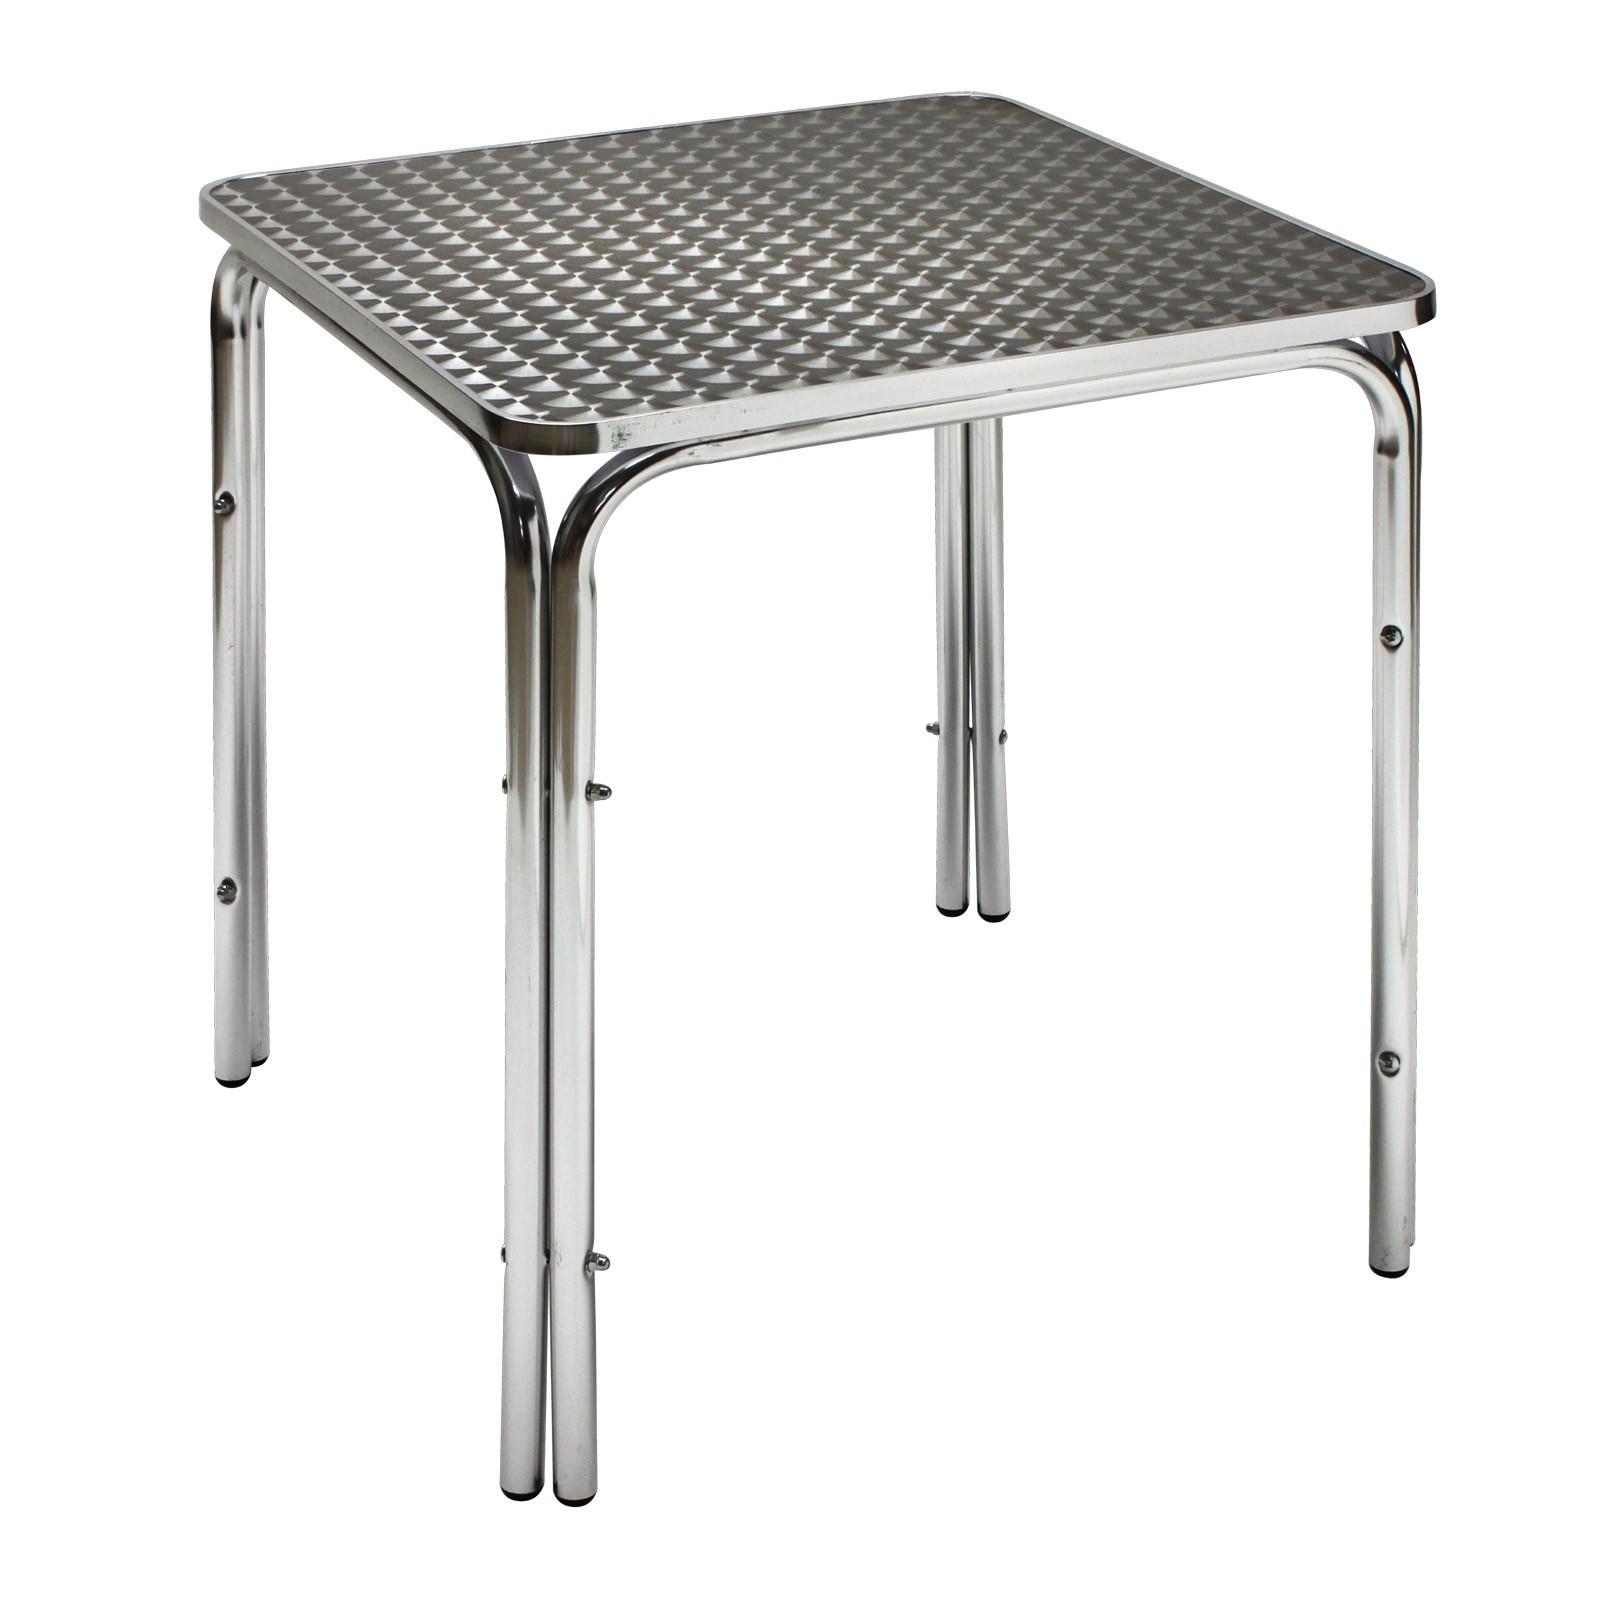 Dema Alu Gartentisch Bistrotisch Twin 800 80x80x70 cm Tisch Alutisch Eiscafe Bistro 14165